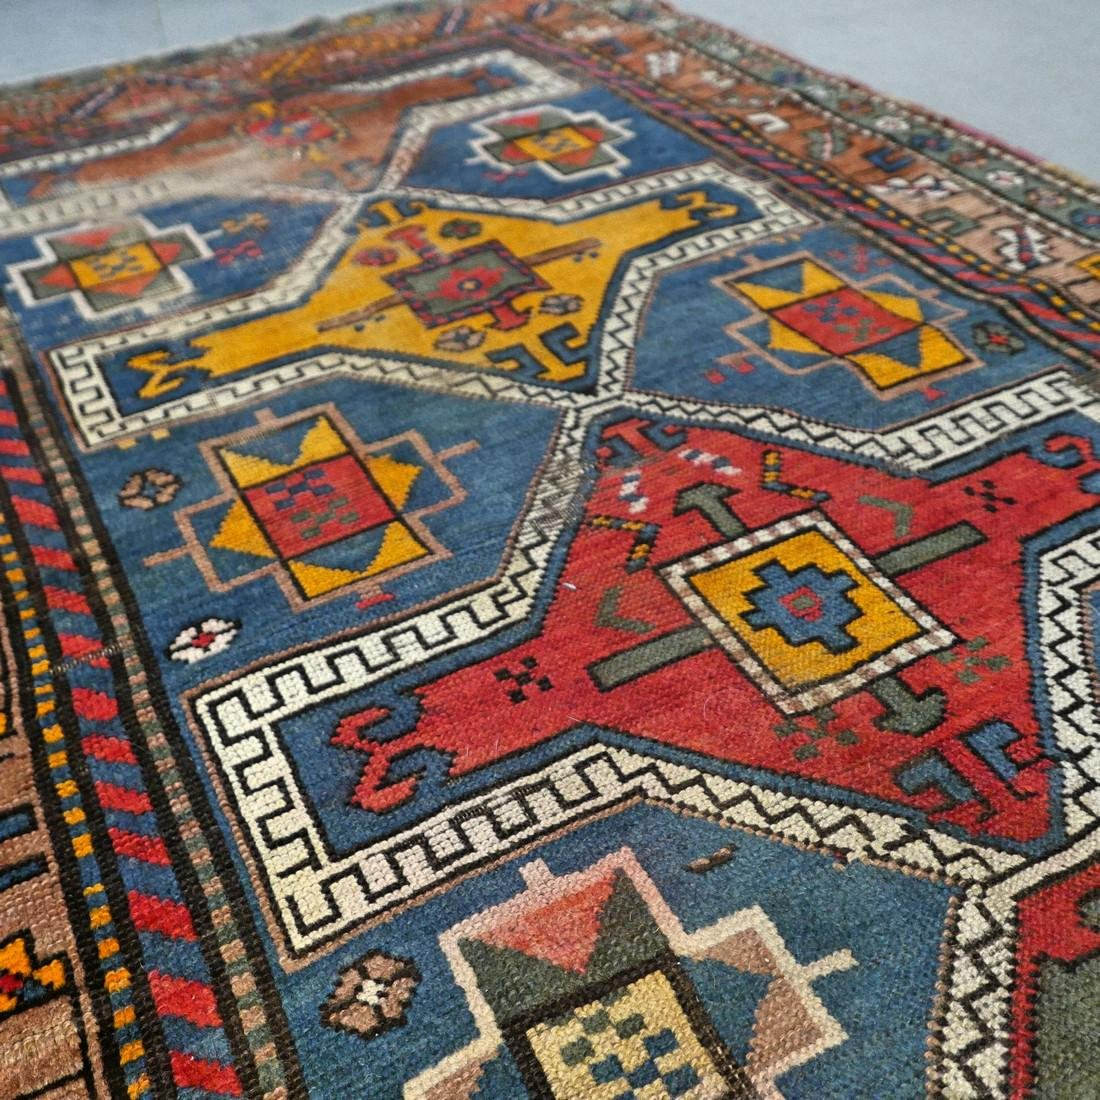 Antique Caucasian Kazak rug - 5.9 x 3.5 - collectors - 5